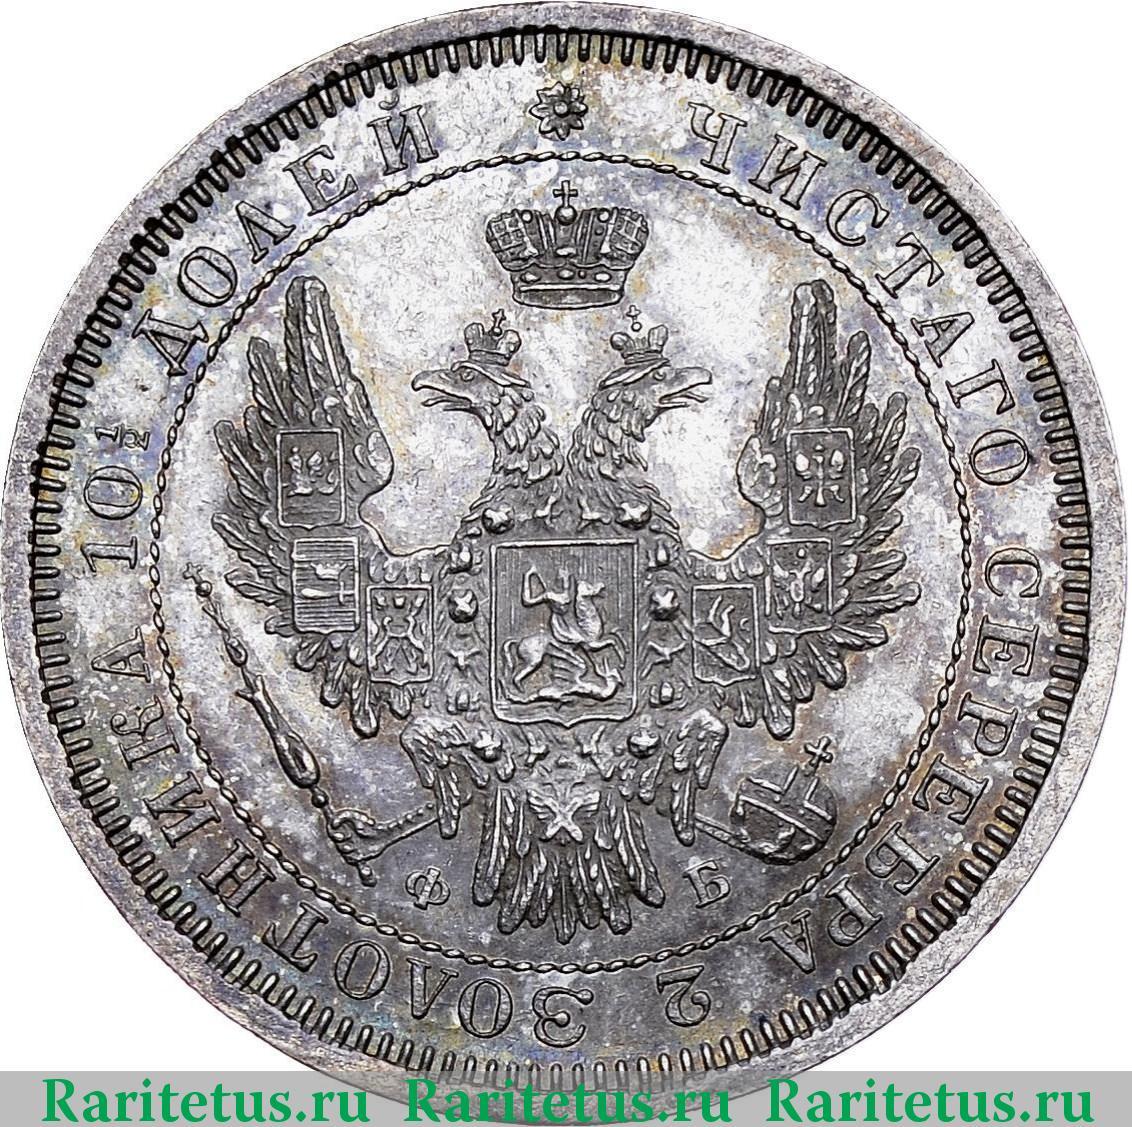 Аверс монеты полтина 1858 года СПБ-ФБ